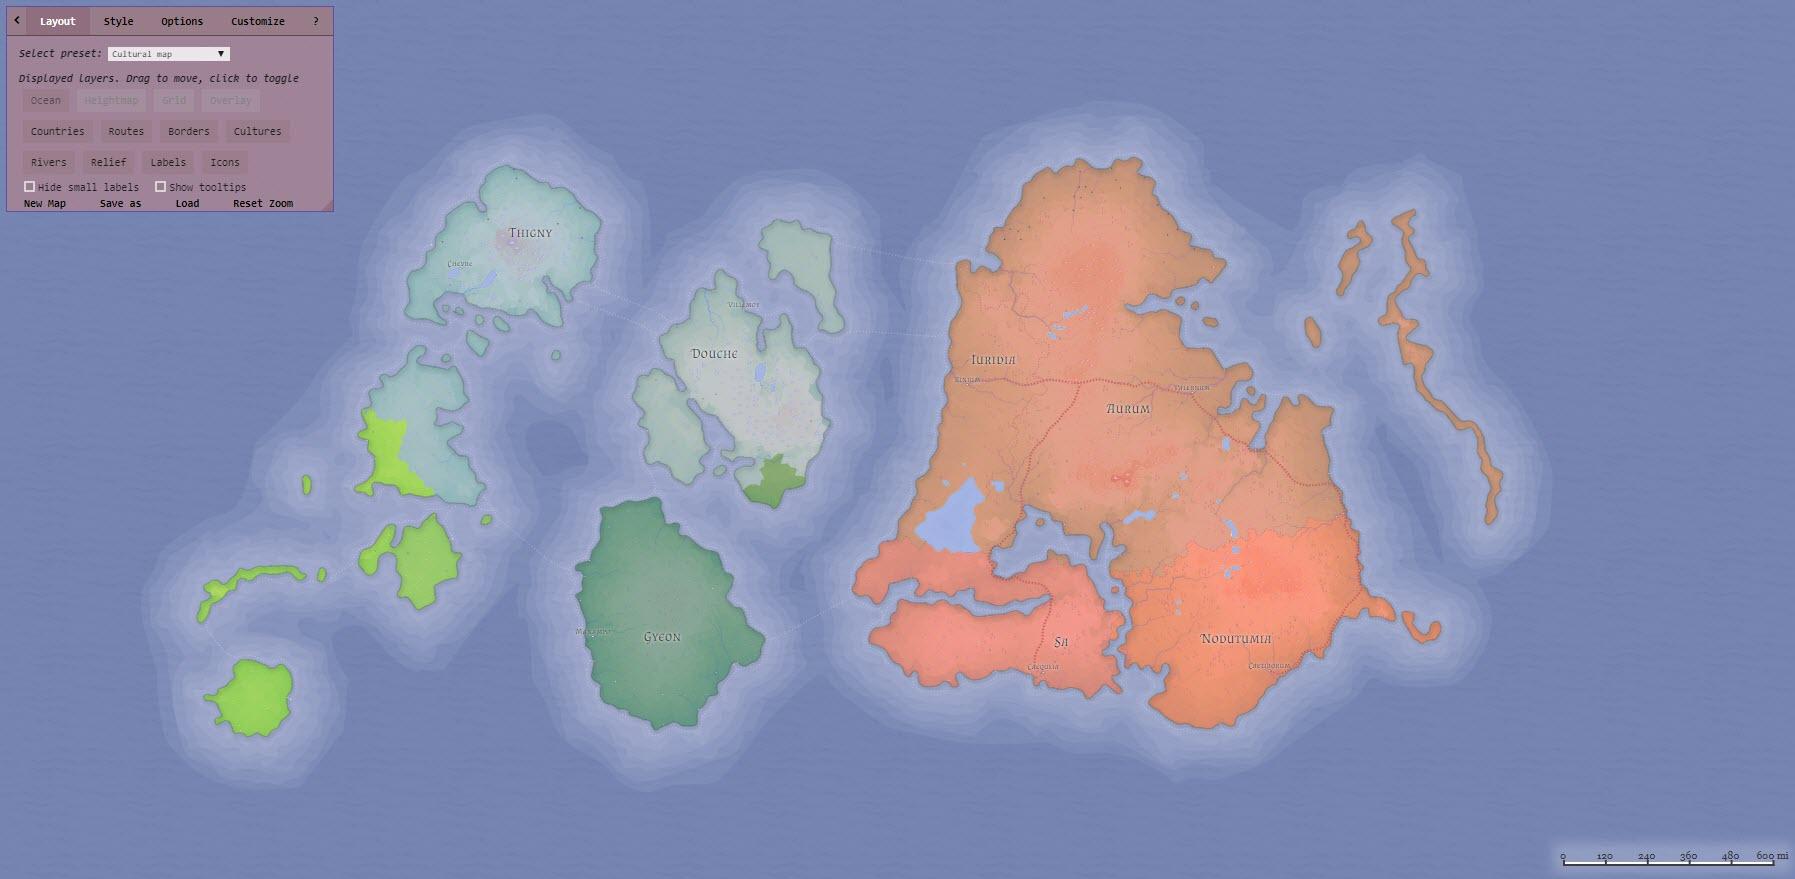 map maker generating a